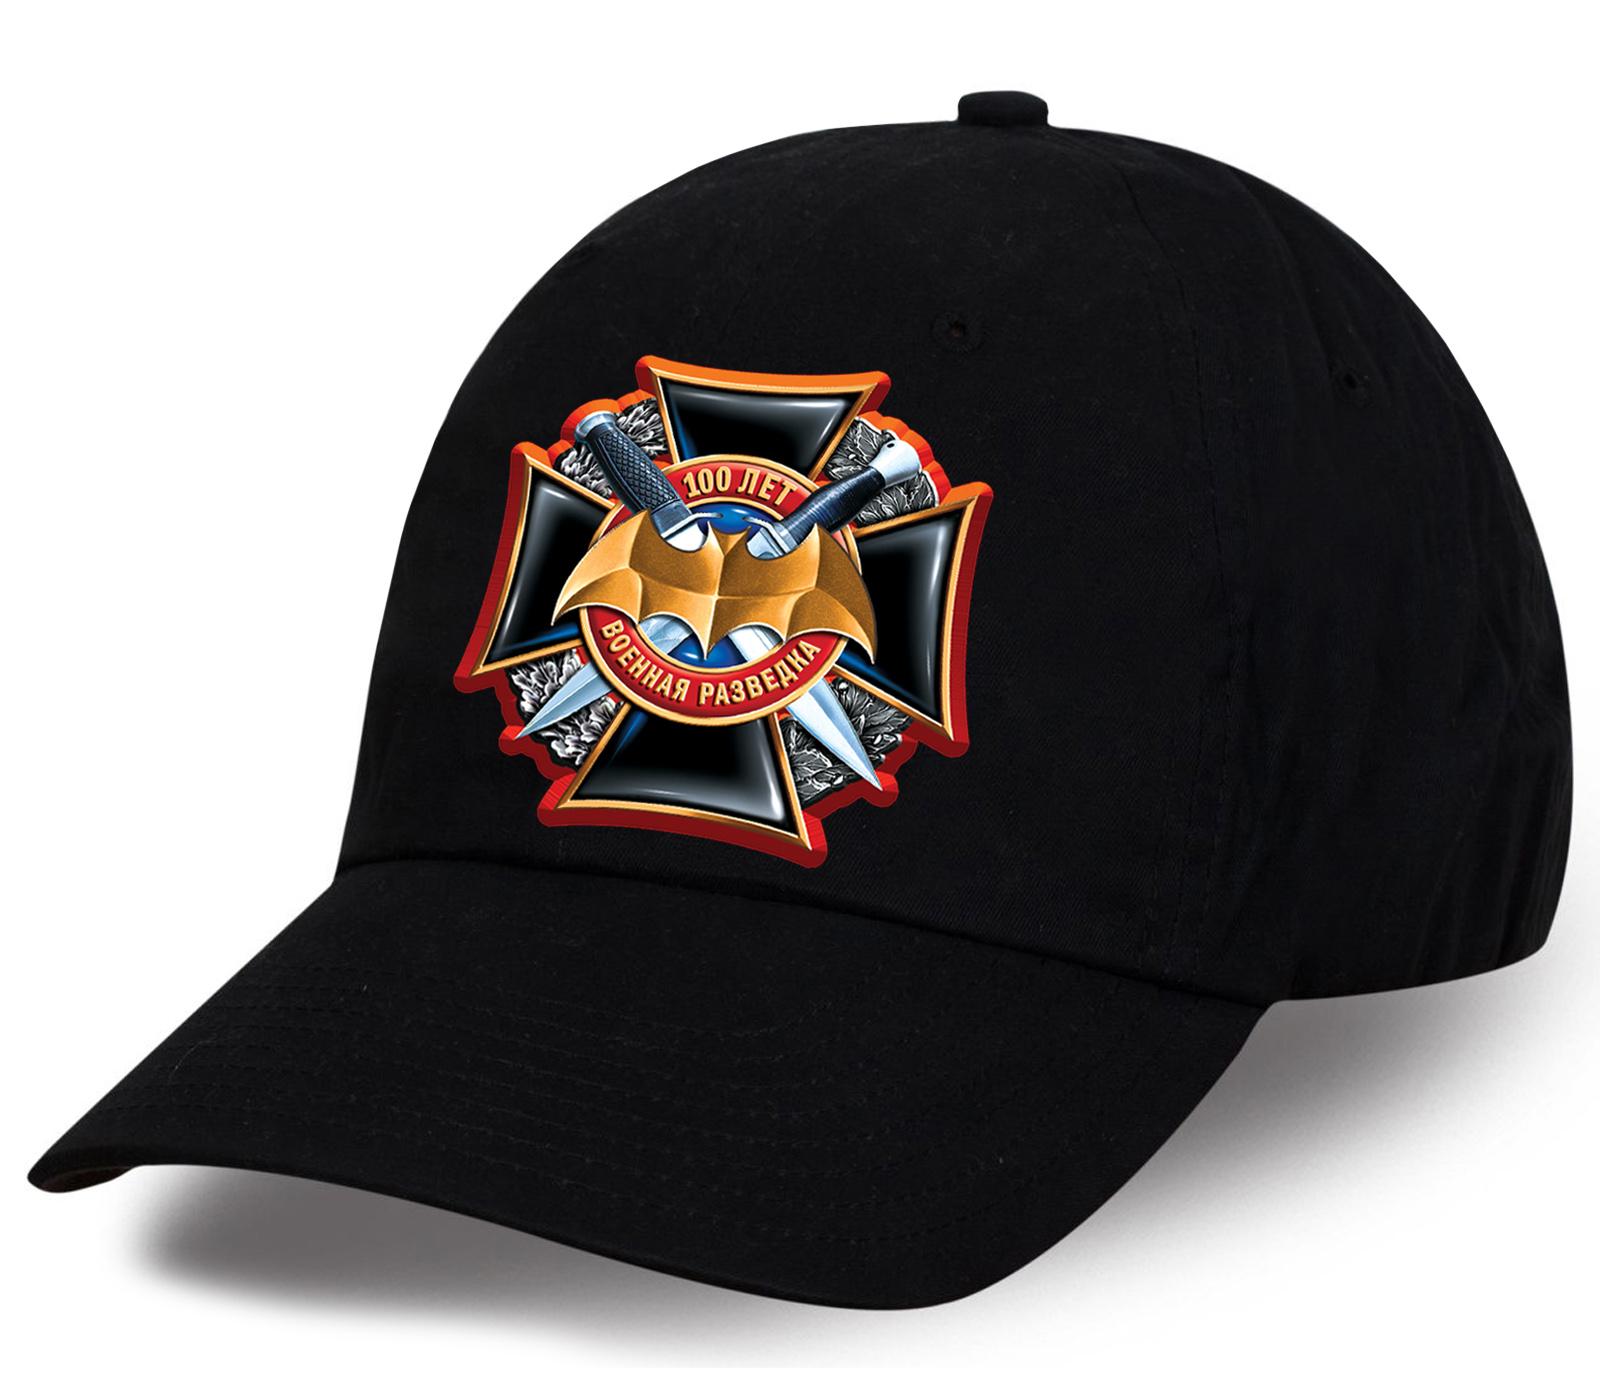 Достойная мужская кепка с принтом юбилейного креста разработанного дизайнерами Военпро к 100 летию Военной разведки. Идеальный эксклюзивный презент!